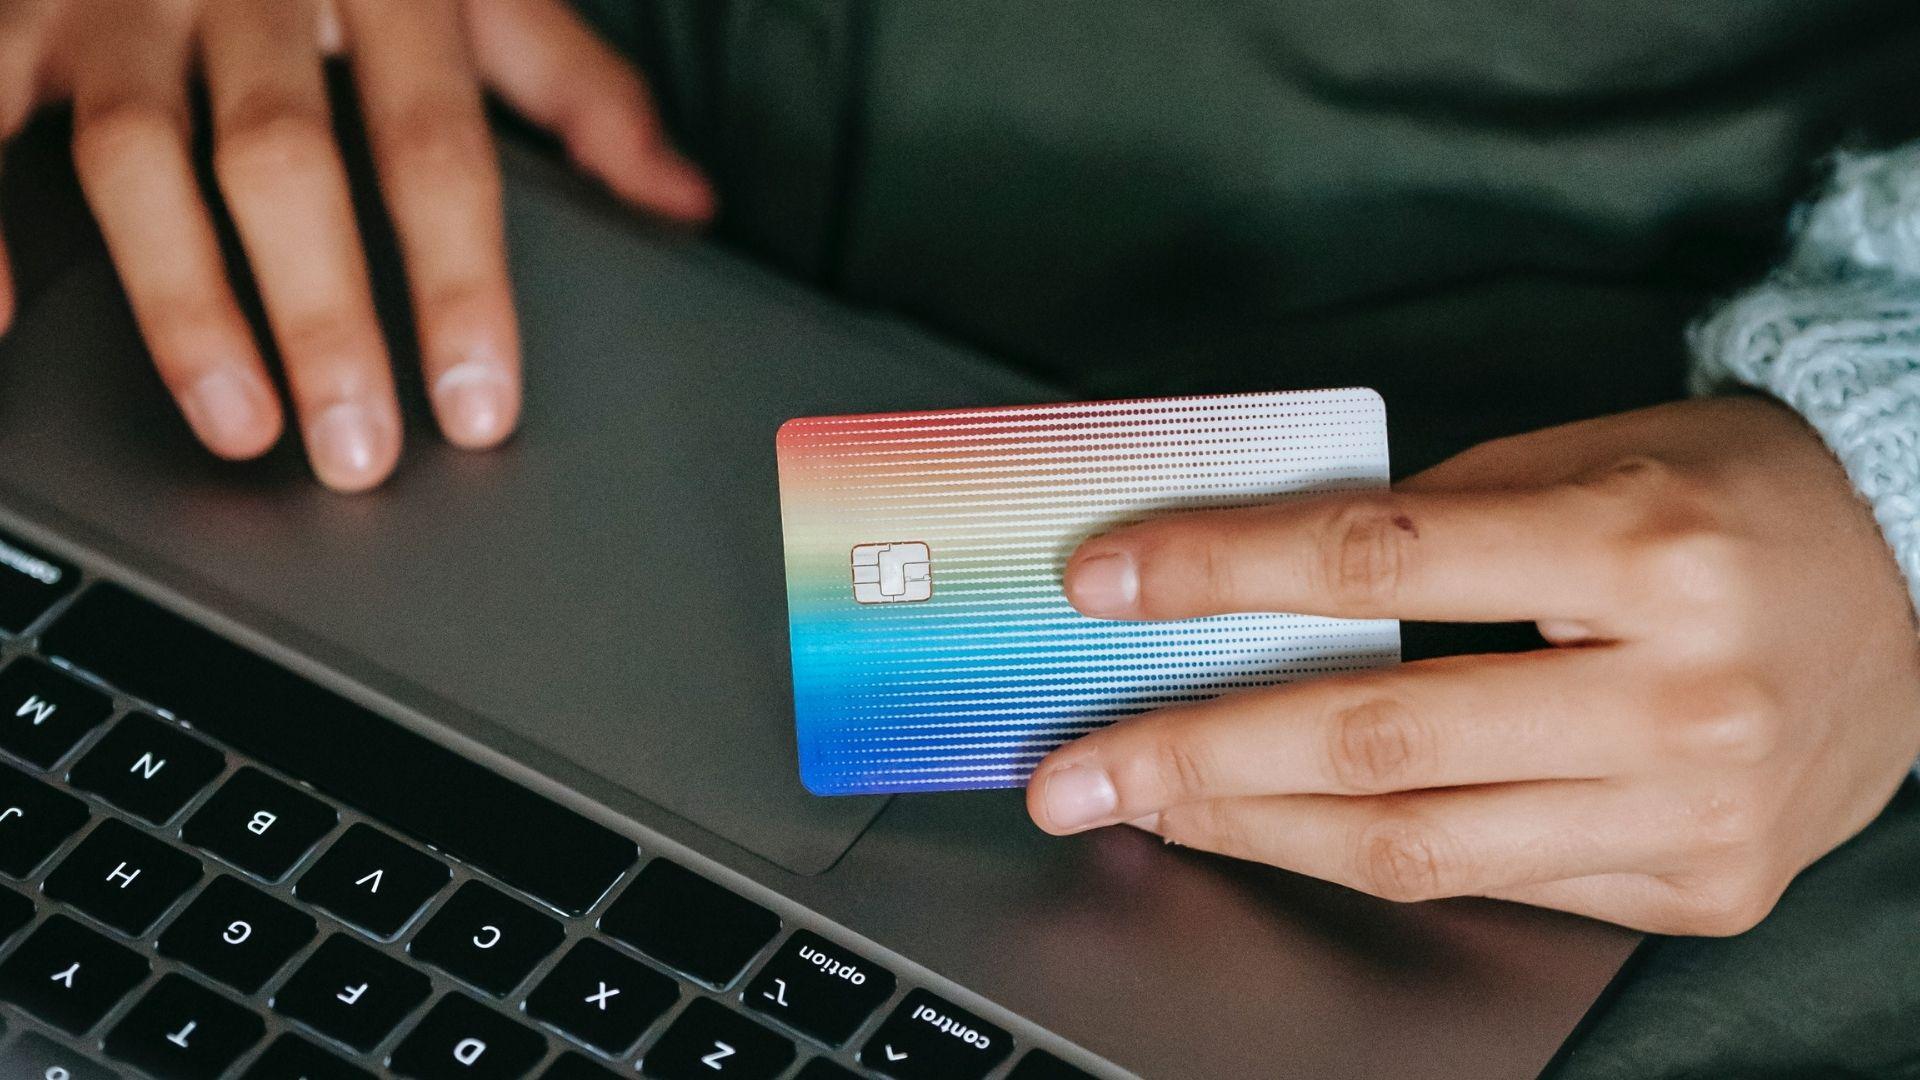 Personne surfant sur internet, une carte de crédit Mastercard à la main